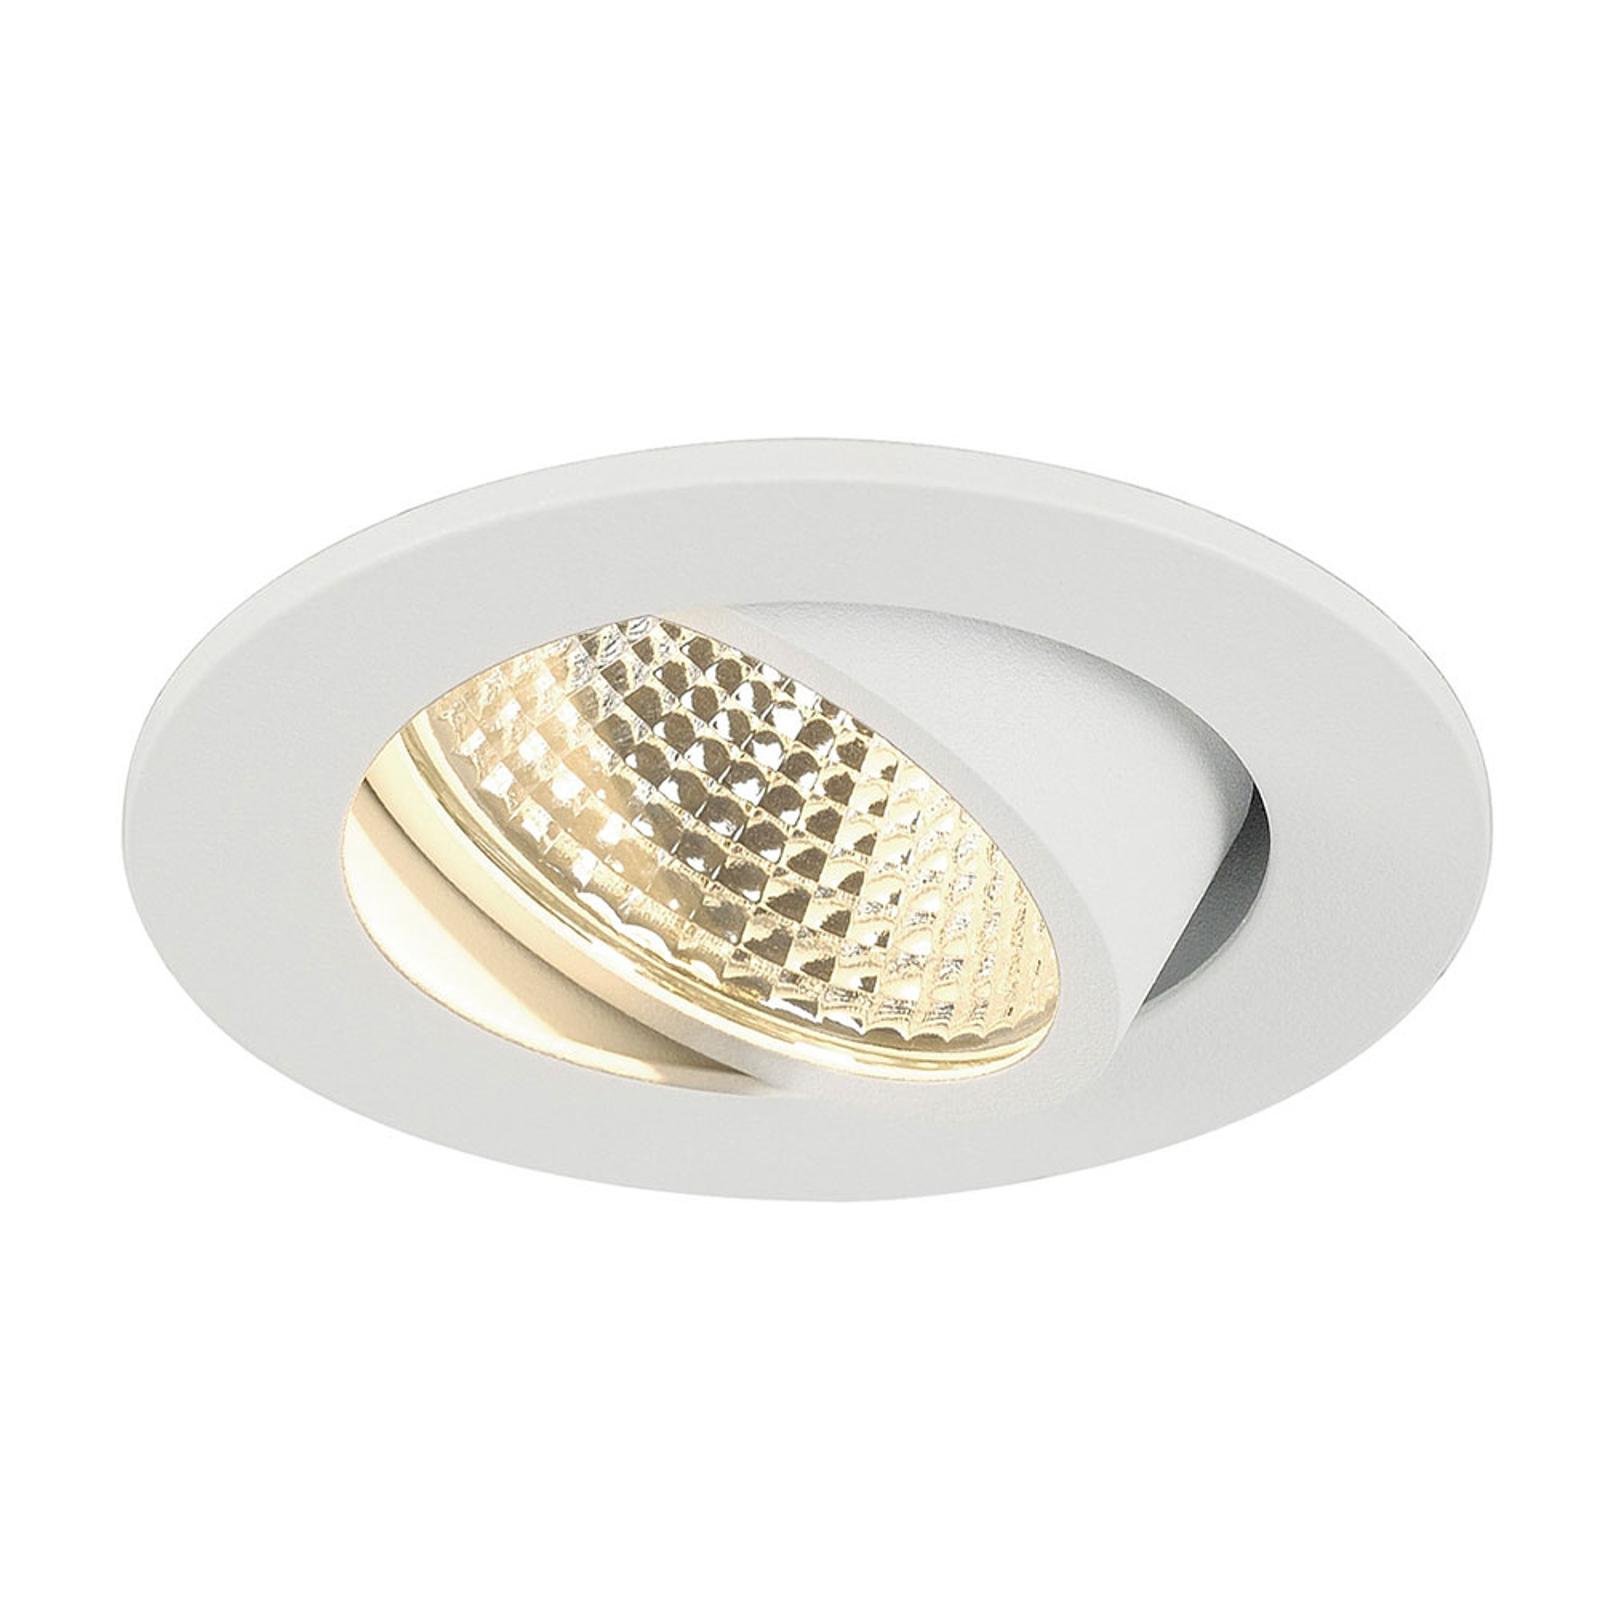 SLV New Tria 1 Set spot encastrable LED rond blanc